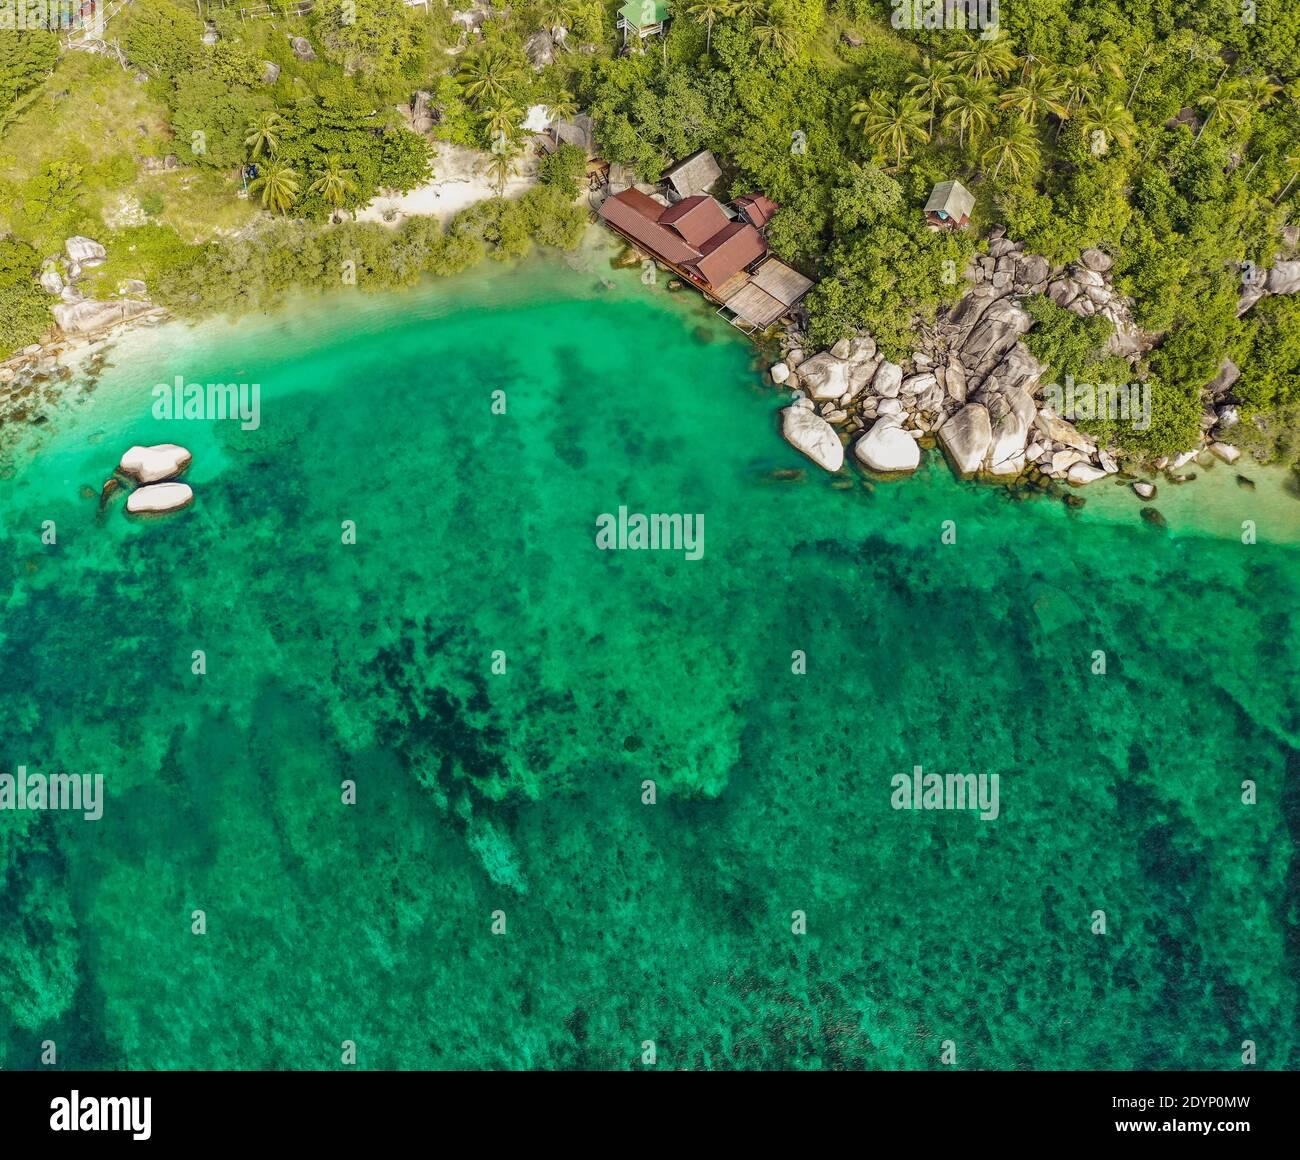 Vue aérienne de Koh Tao, province de Samui, Thaïlande, Asie du Sud-est Banque D'Images